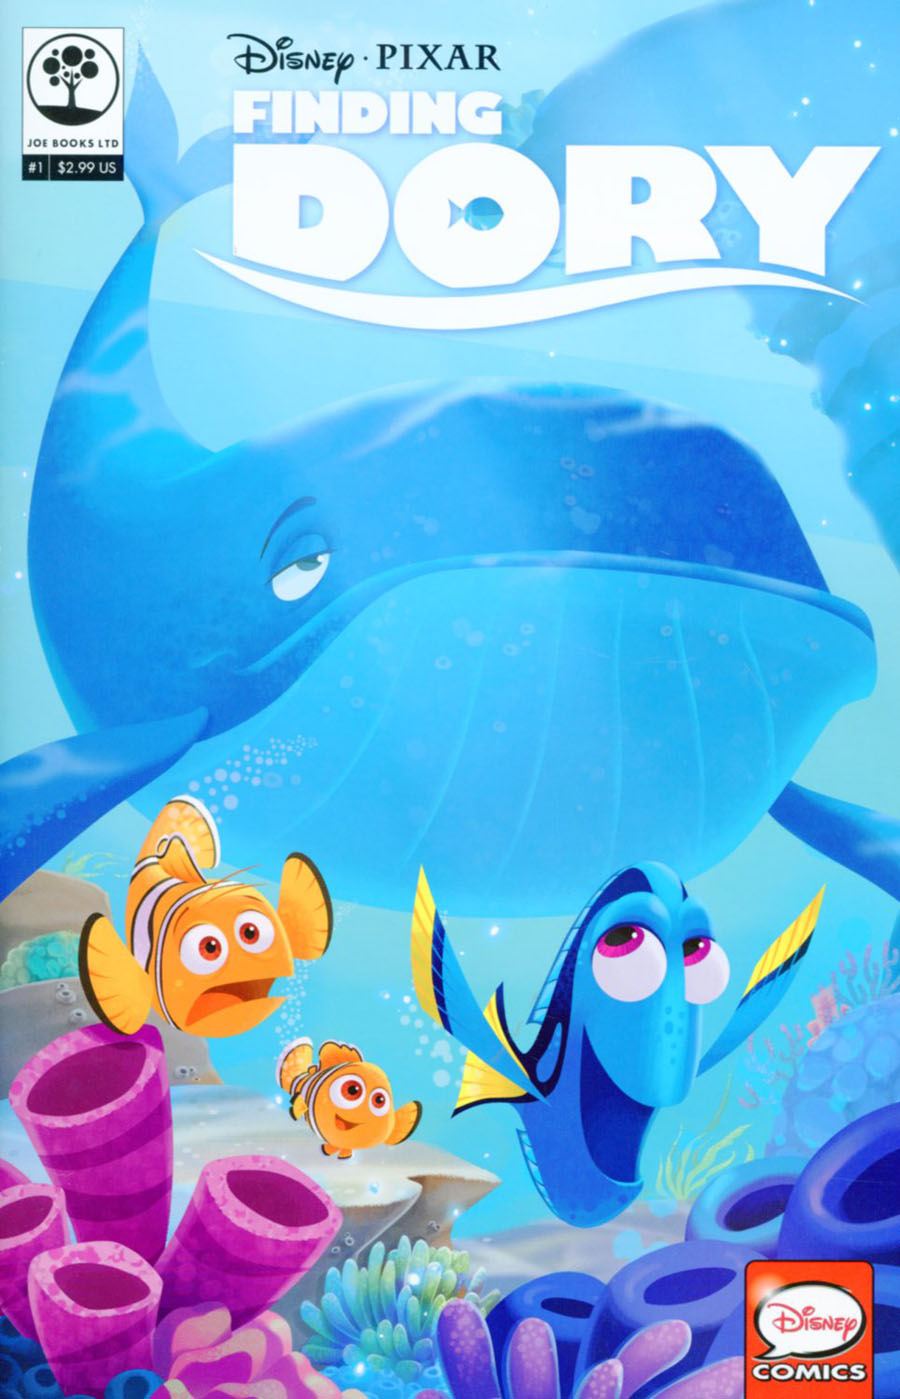 Disney Pixars Finding Dory #1